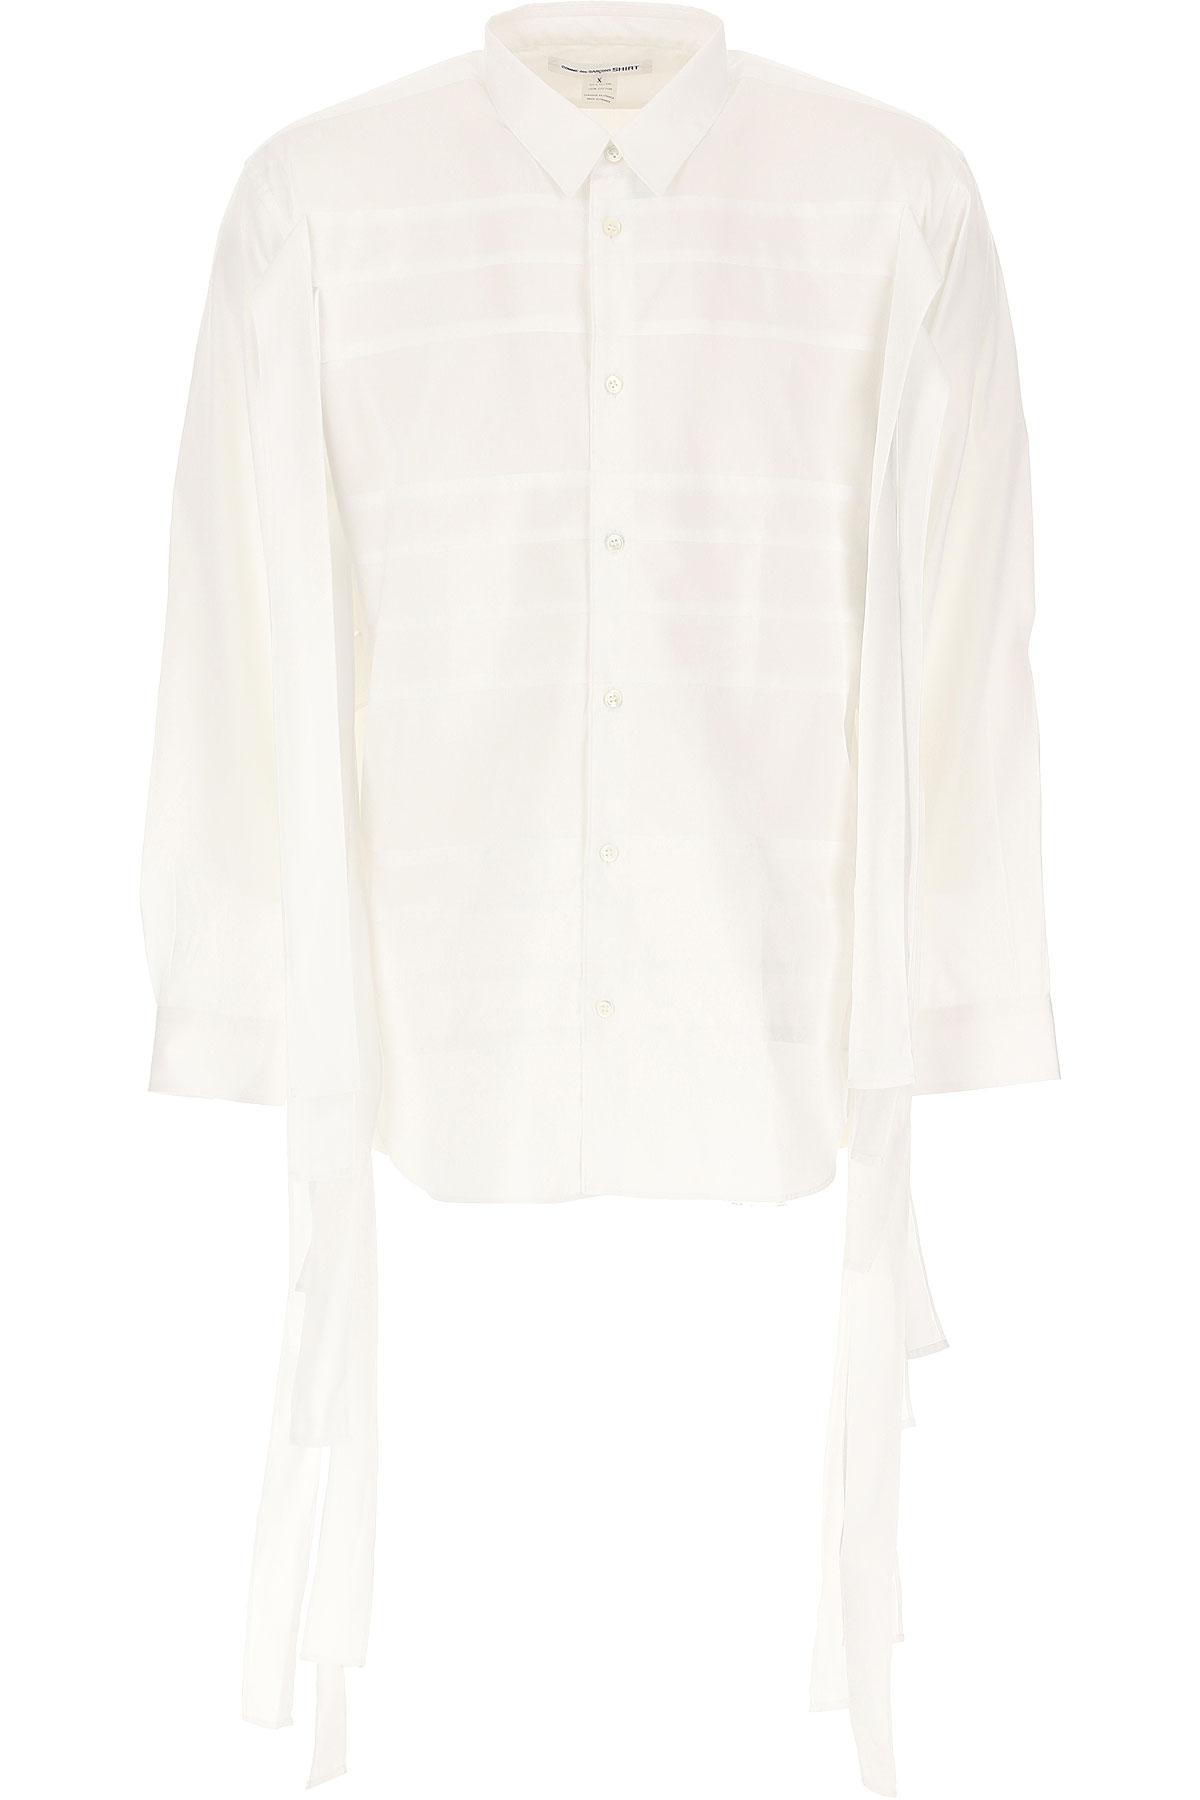 Comme des Garcons Shirt for Men On Sale, White, Cotton, 2019, S • IT 46 M • IT 48 L • IT 50 XL • IT 52